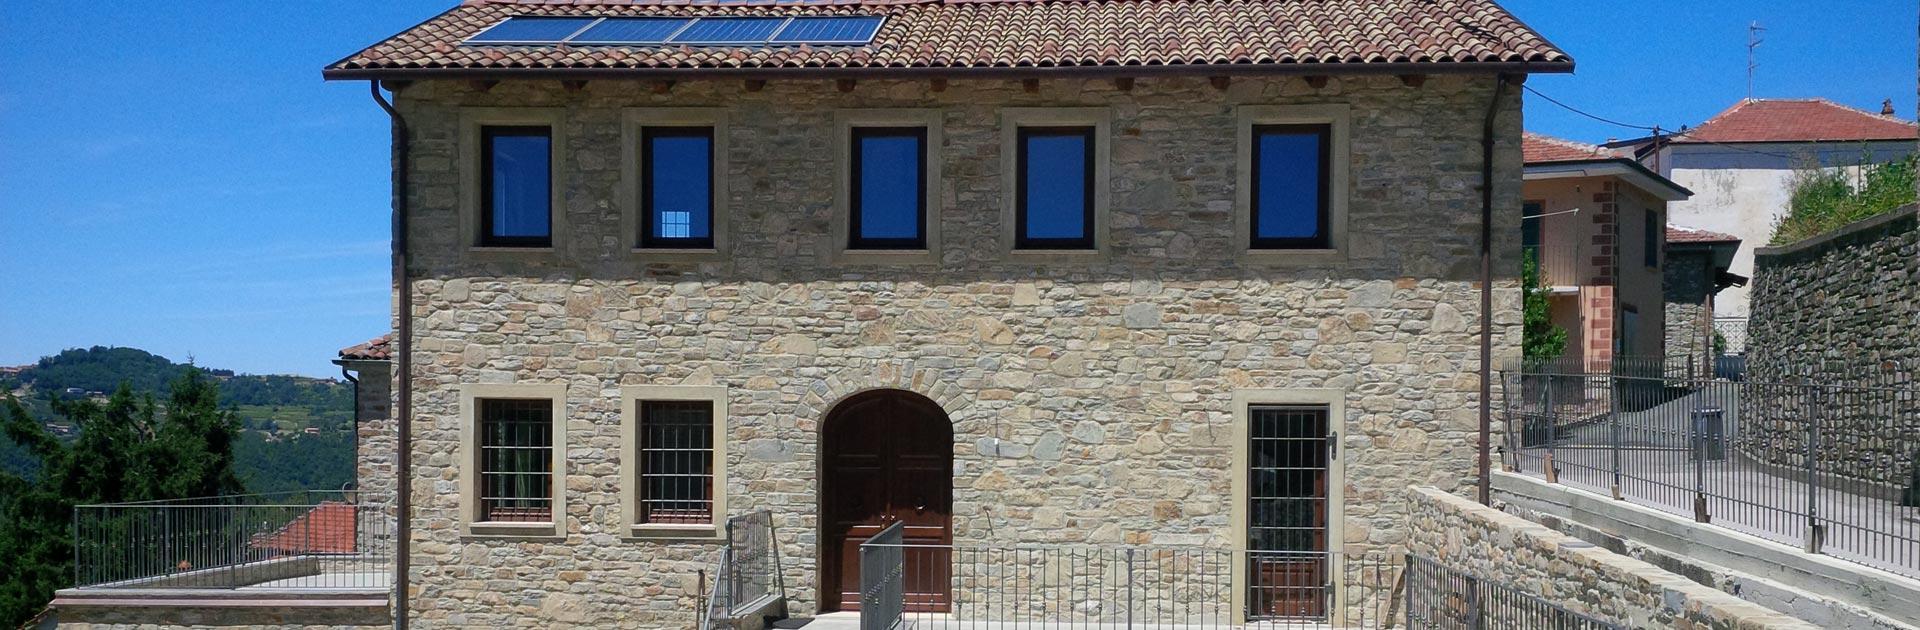 Pietra di langa pietra alpina pietra stia pietre naturali realizzazione muri in pietra - Davanzali finestre in pietra ...